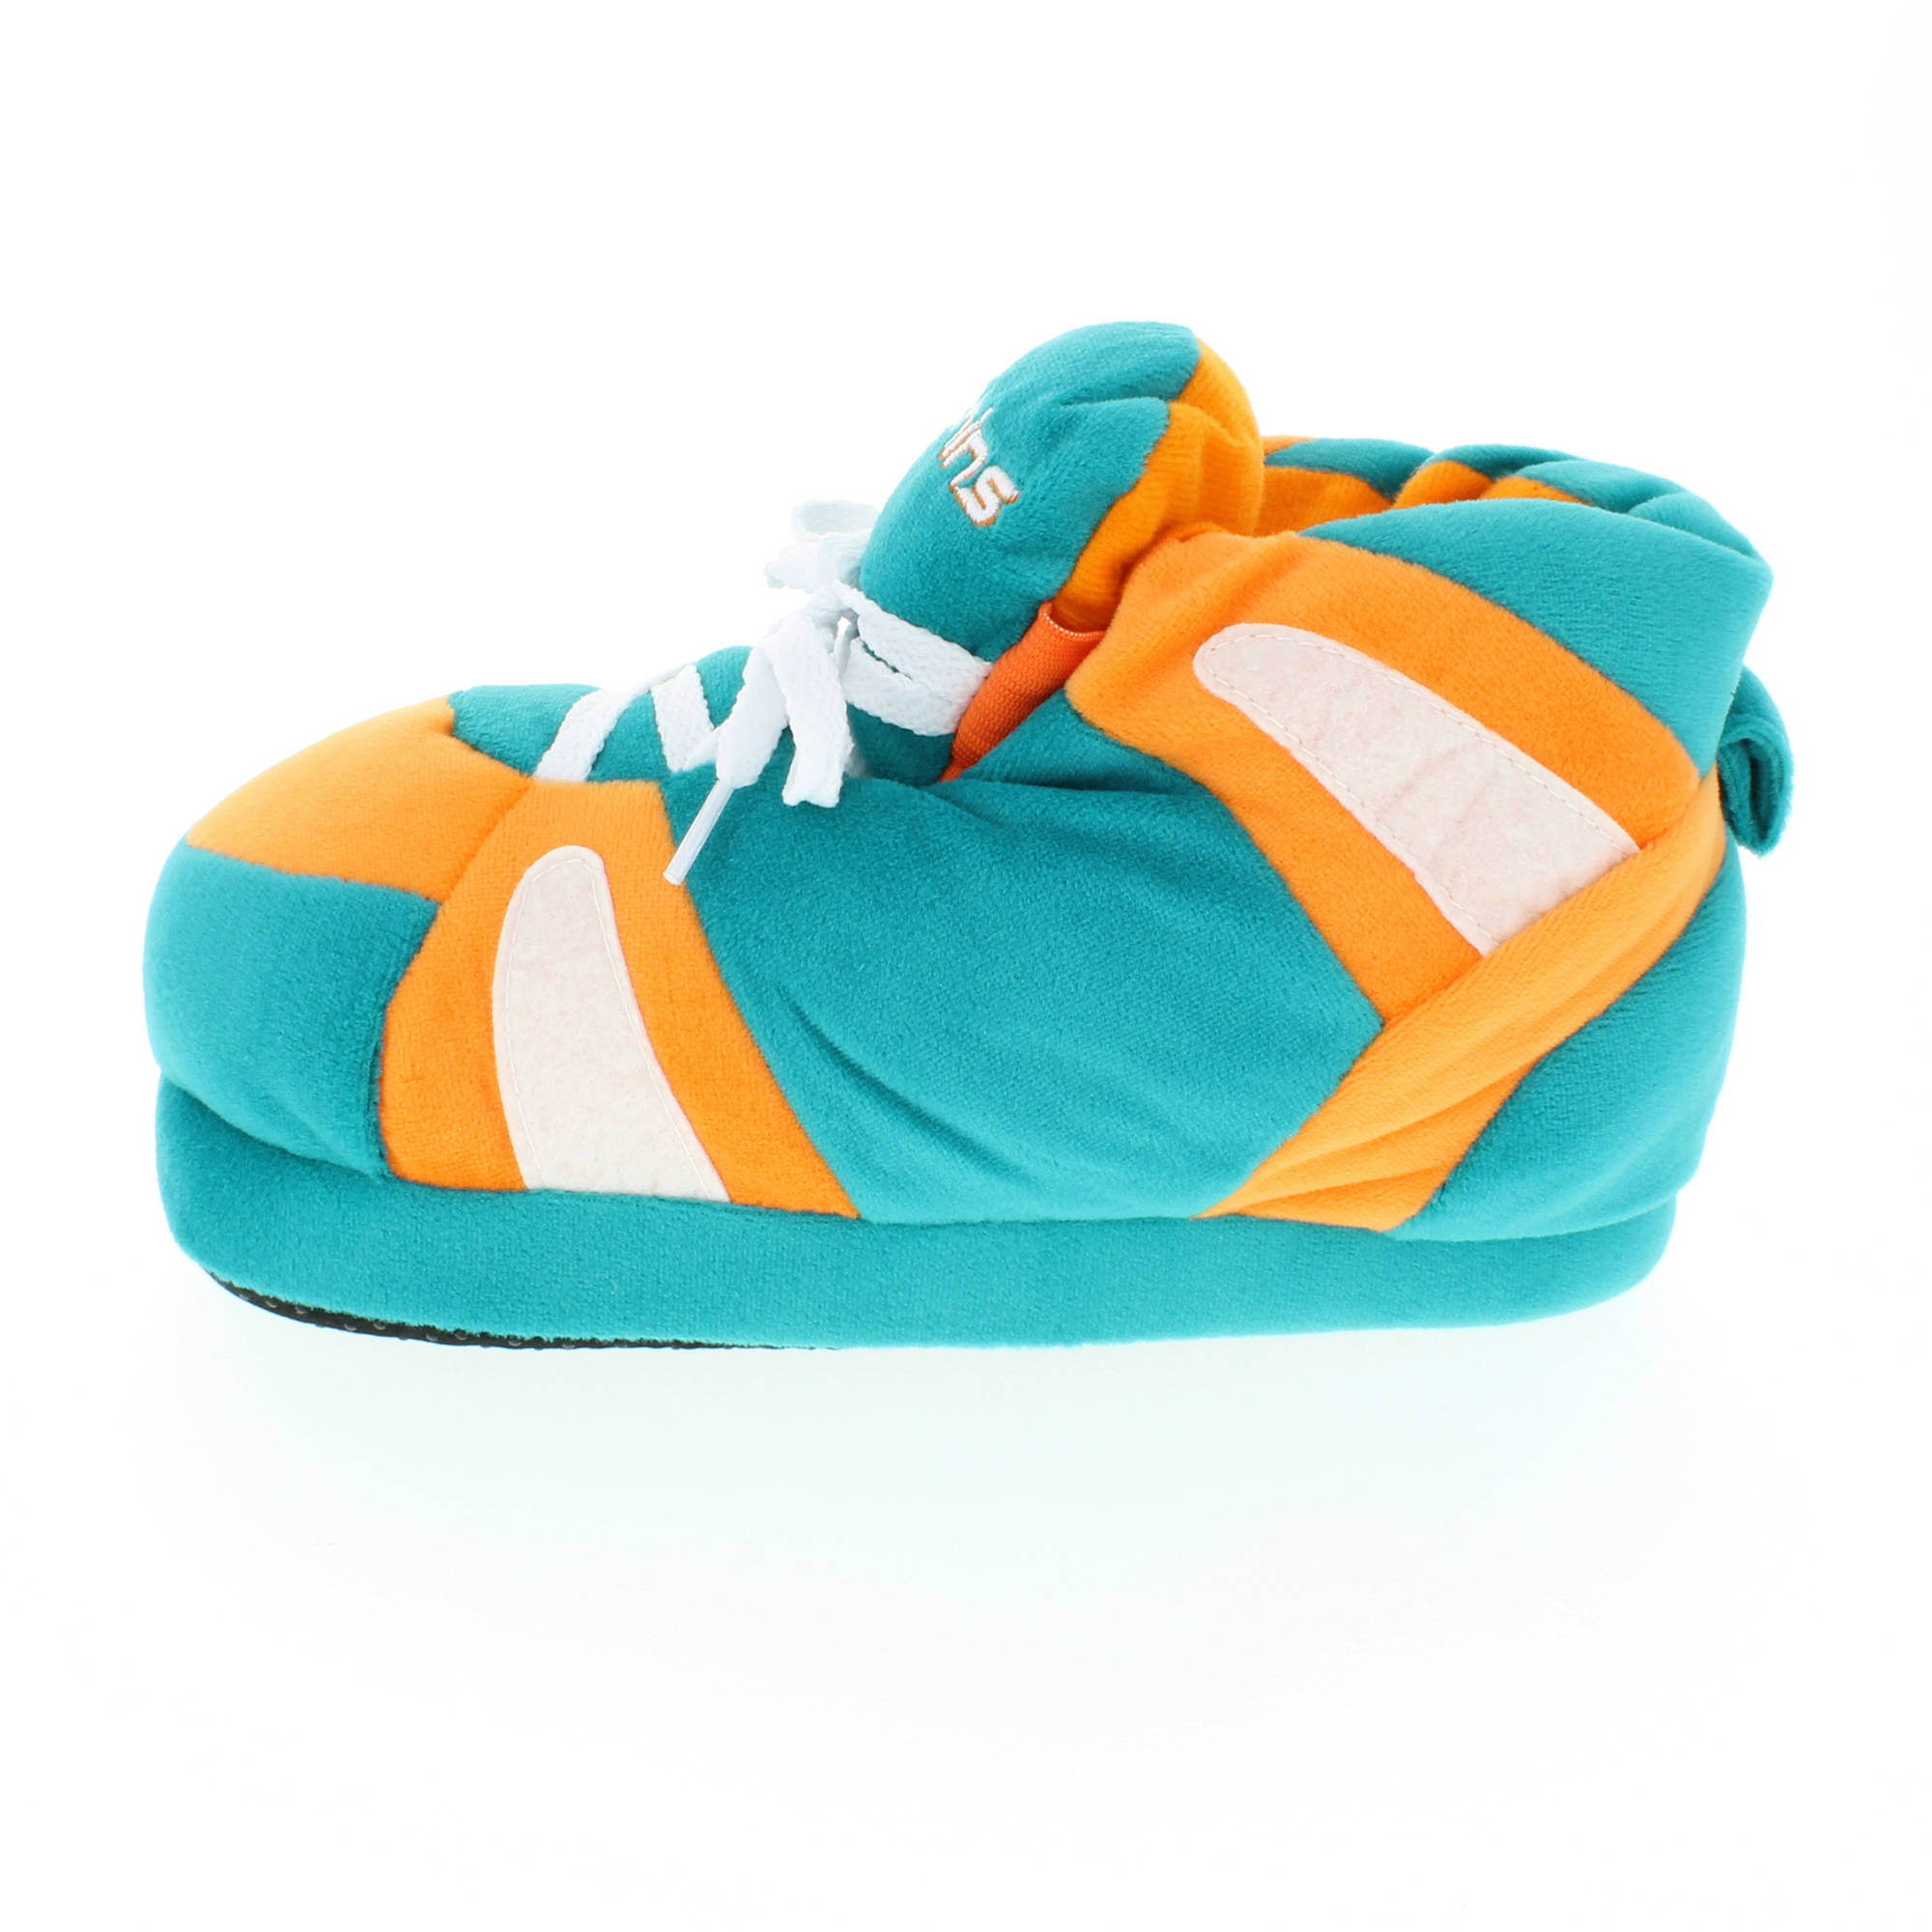 Comfy Feet - NFL Miami Dolphins Slipper - Walmart.com